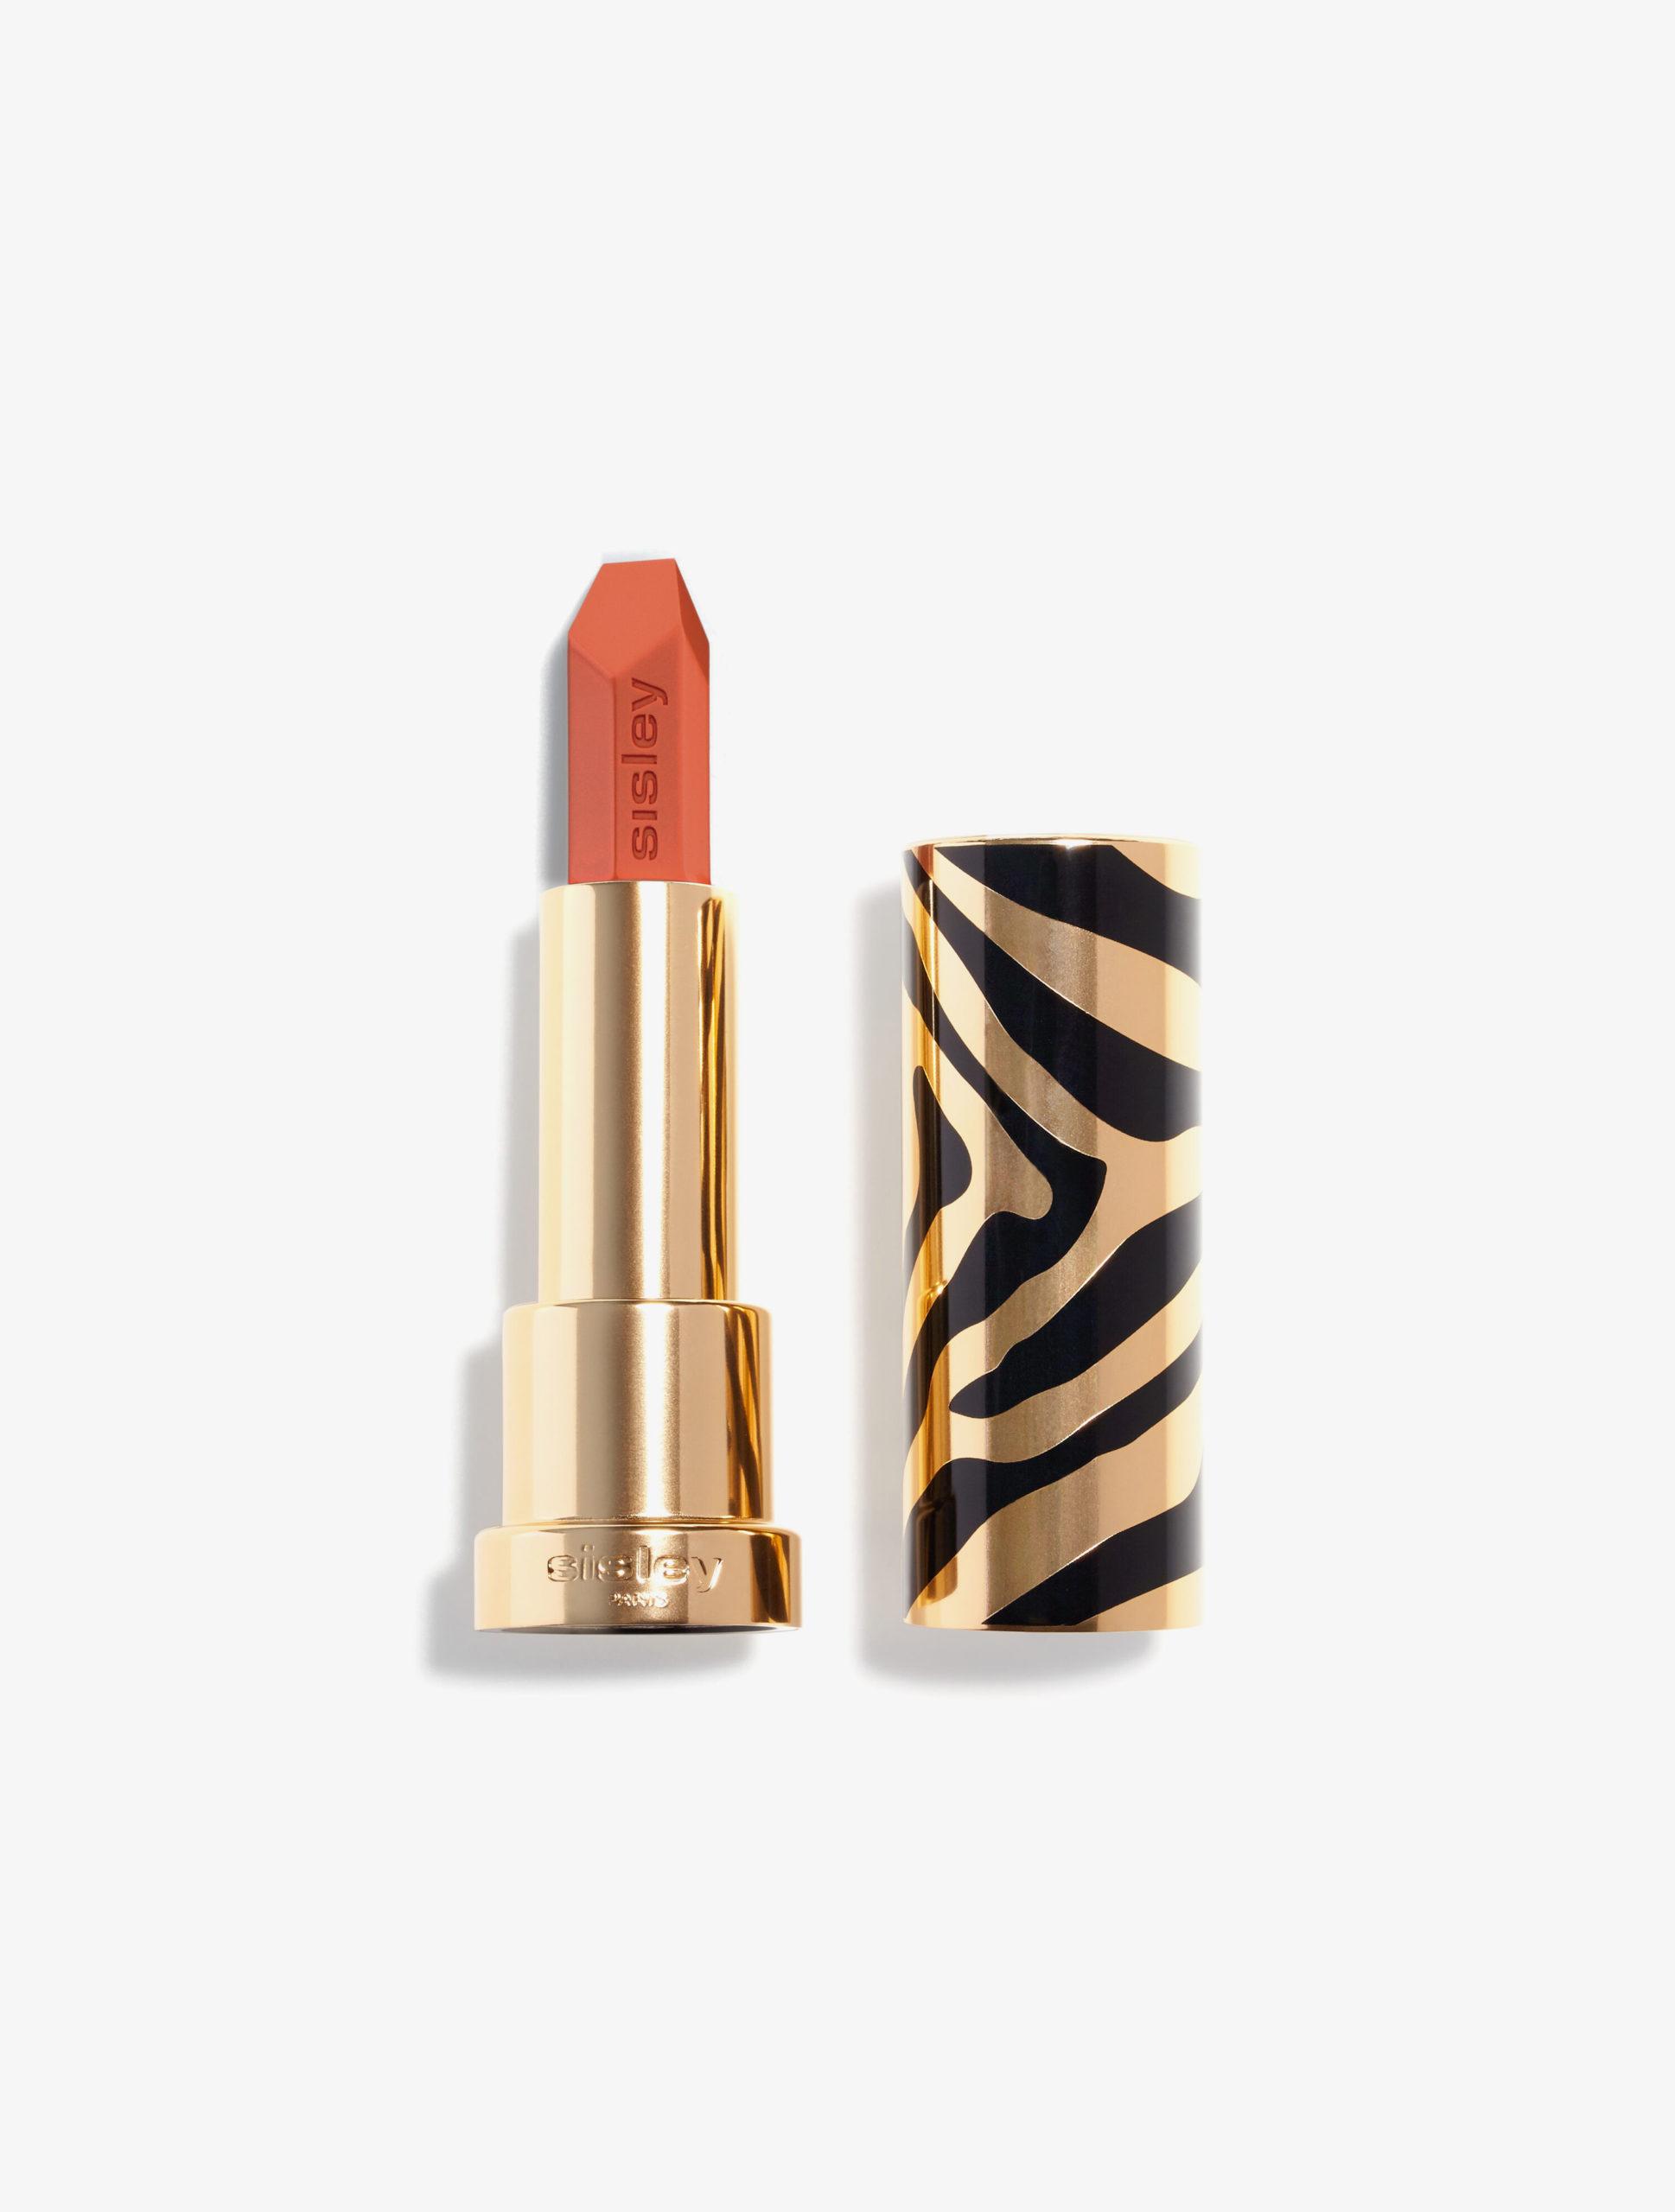 Le Phyto Rouge Long Lasting Hydration Lipstick - 31 Orange Acapulco